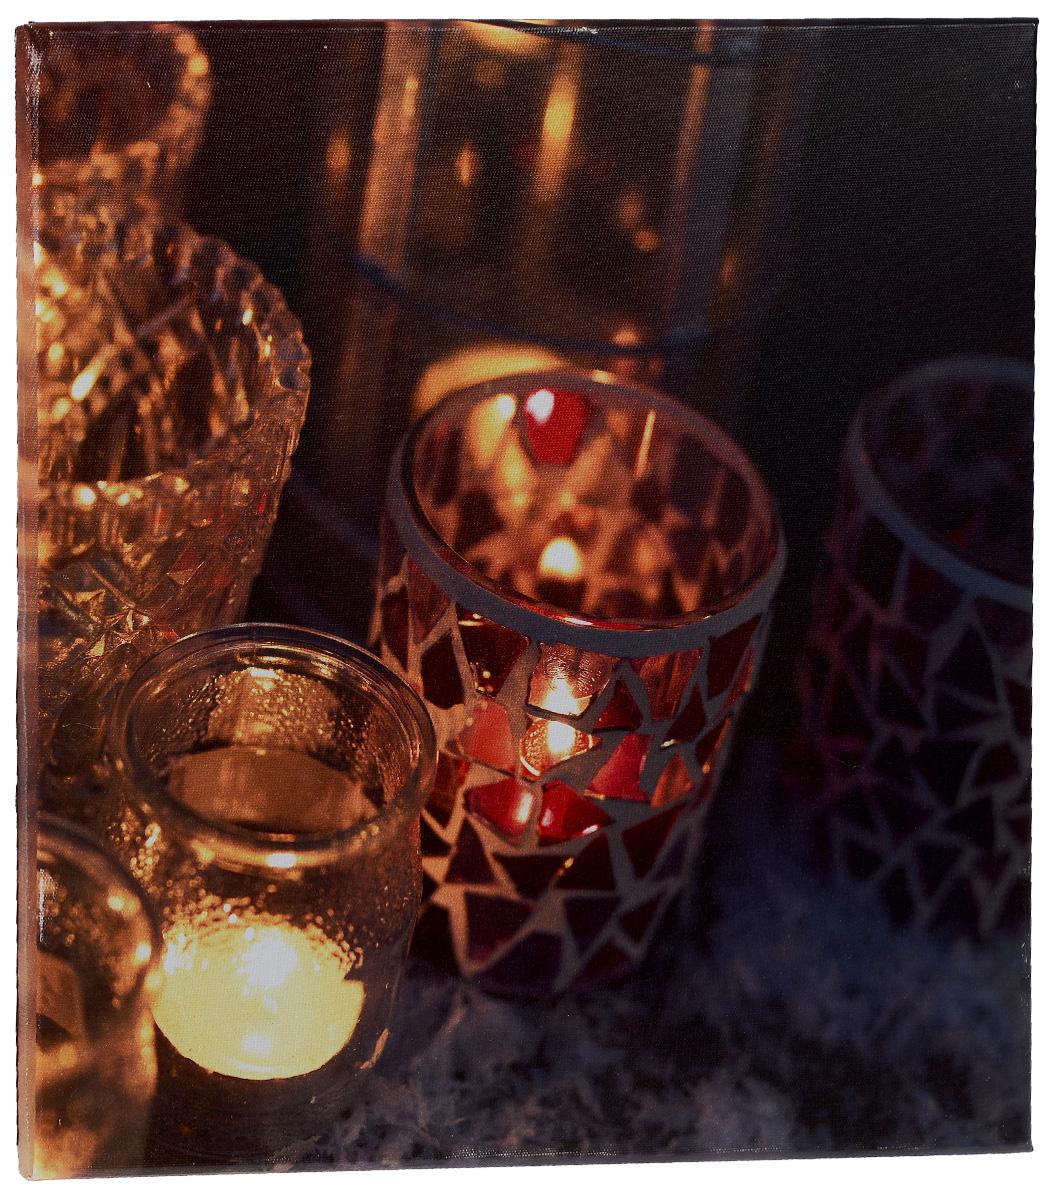 Картина MTH Свечи, со светодиодами, 40 х 40 смled4040-03Картина MTH Свечи выполнена на основе из МДФ, обтянутой холстом.Изделие оснащено светодиодами. Их теплый мерцающий в темноте светоживит ваш дом и добавит ему уюта. На картине изображены свечи в декоративных подсвечниках. Благодаря светодиодной подсветке создается ощущение, что теплый свет, исходящий от свечей, действительно может согревать. С оборотной стороны картина оснащена специальным отверстием для подвешивания на стену.Необычная картина придаст интерьеру невероятного шарма и оригинальности.Рисунок успокаивает нервную систему, помогая расслабиться и отвлечься отповседневных забот. Подсветка работает от 2 батареек типа АА напряжением 1,5V (в комплект не входят).